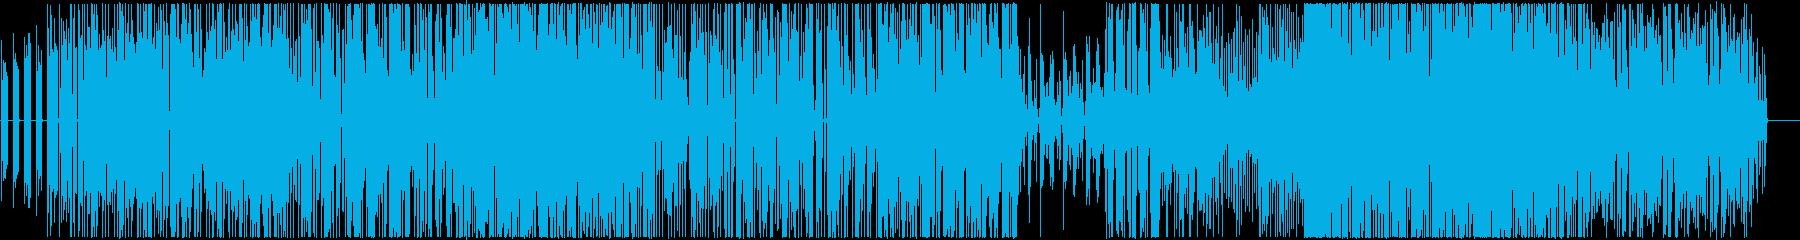 Tamurouの再生済みの波形